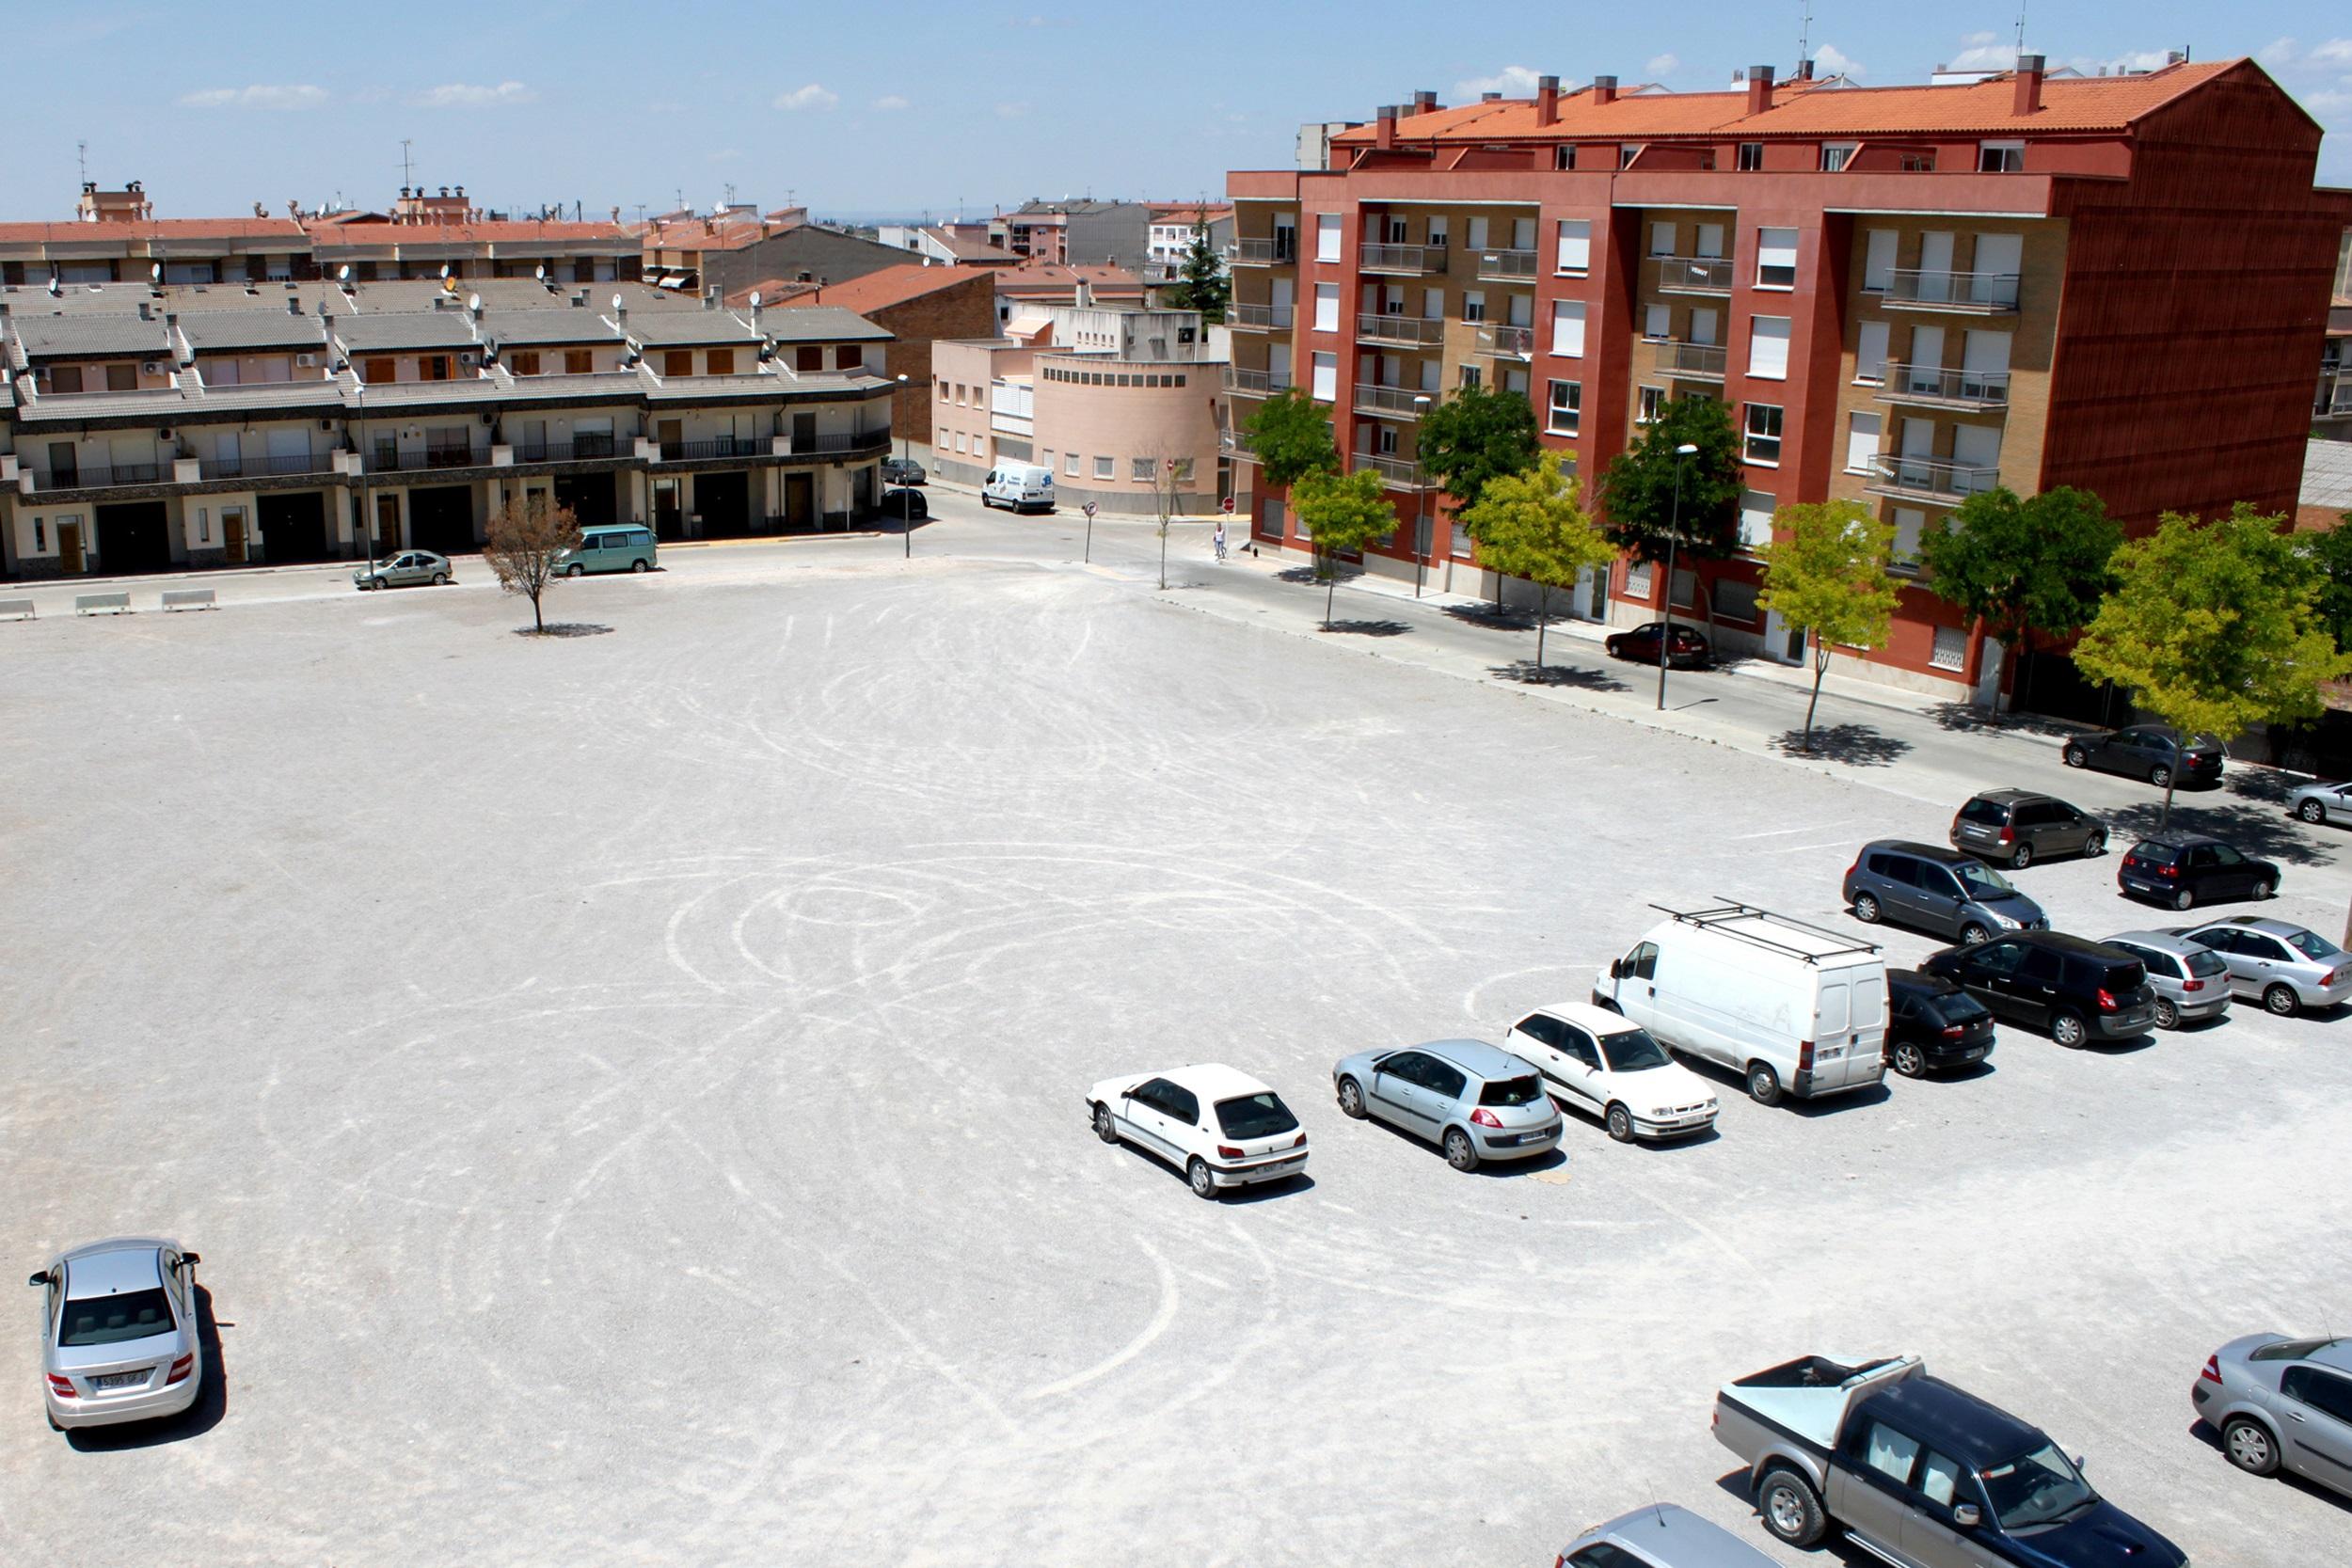 L'Ajuntament de Tàrrega aprova la remodelació de la plaça de les Bòbiles, que es transformarà en un espai arbrat de passeig